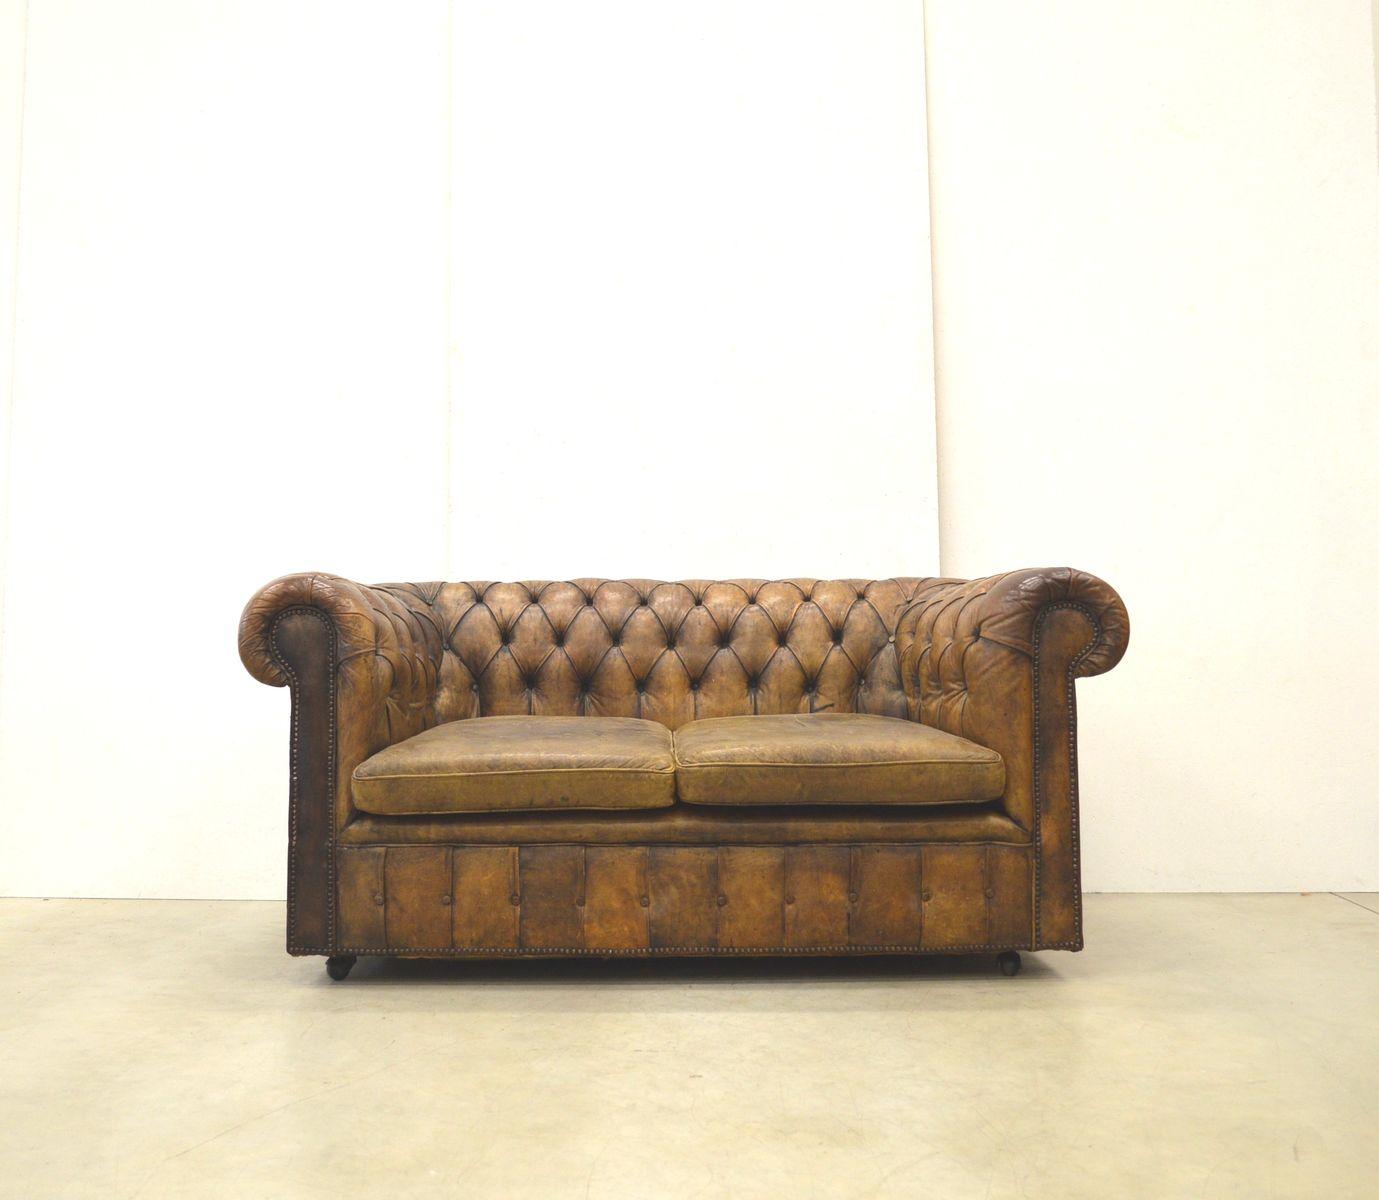 englisches art deco chesterfield 2 sitzer leder sofa in cognacbraun 1930er bei pamono kaufen. Black Bedroom Furniture Sets. Home Design Ideas